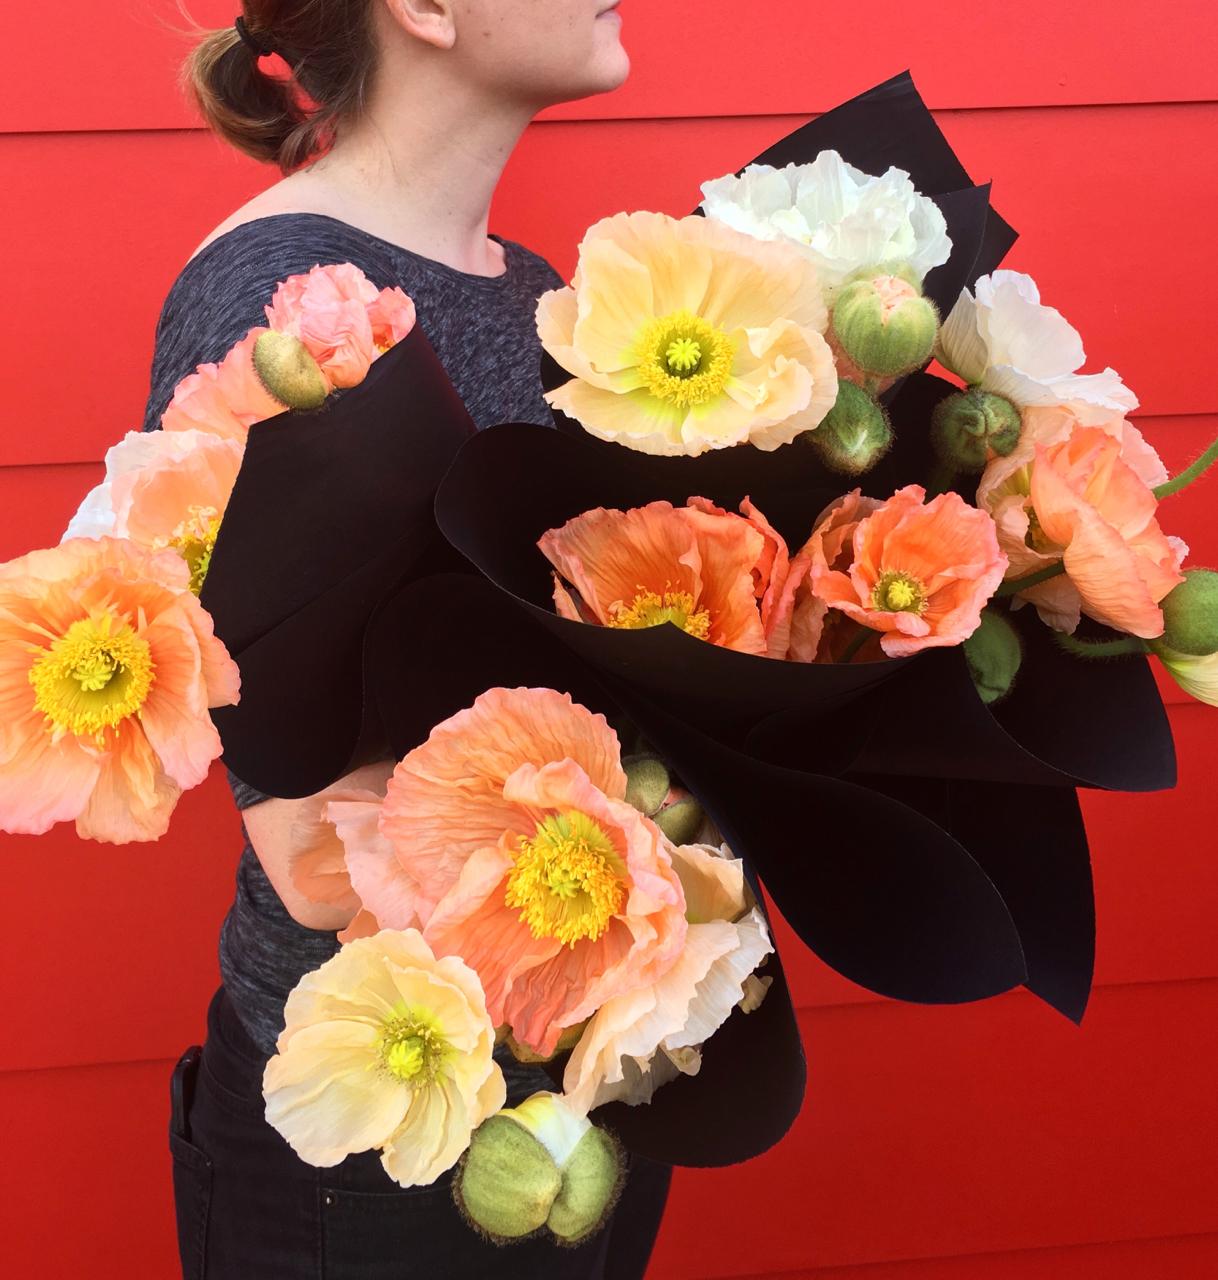 Spring flowers 3 copy.jpg